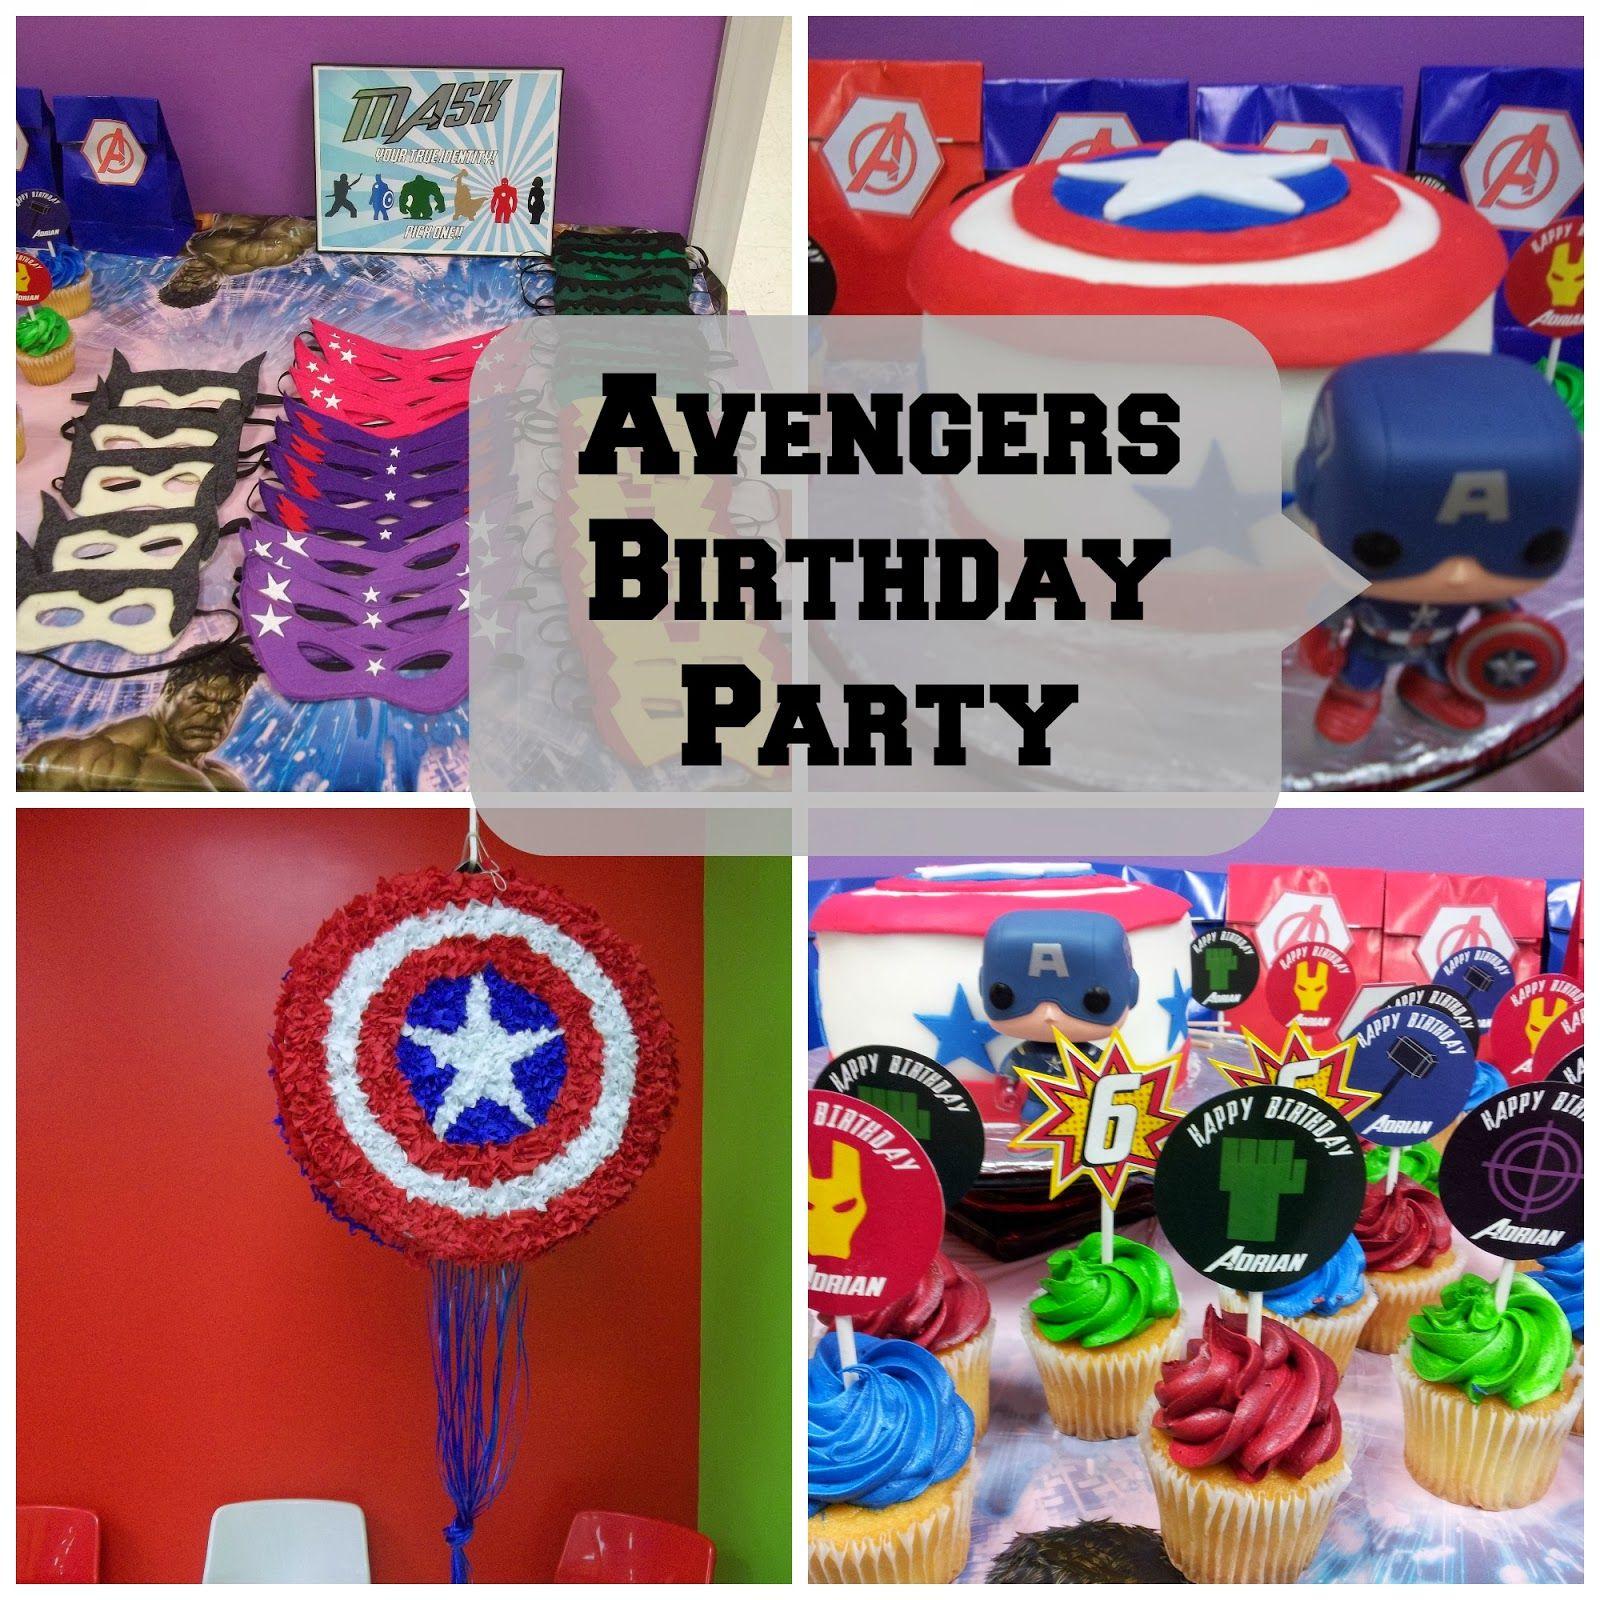 Second Chances Girl Avengers Assemble Adrian S Avenger S